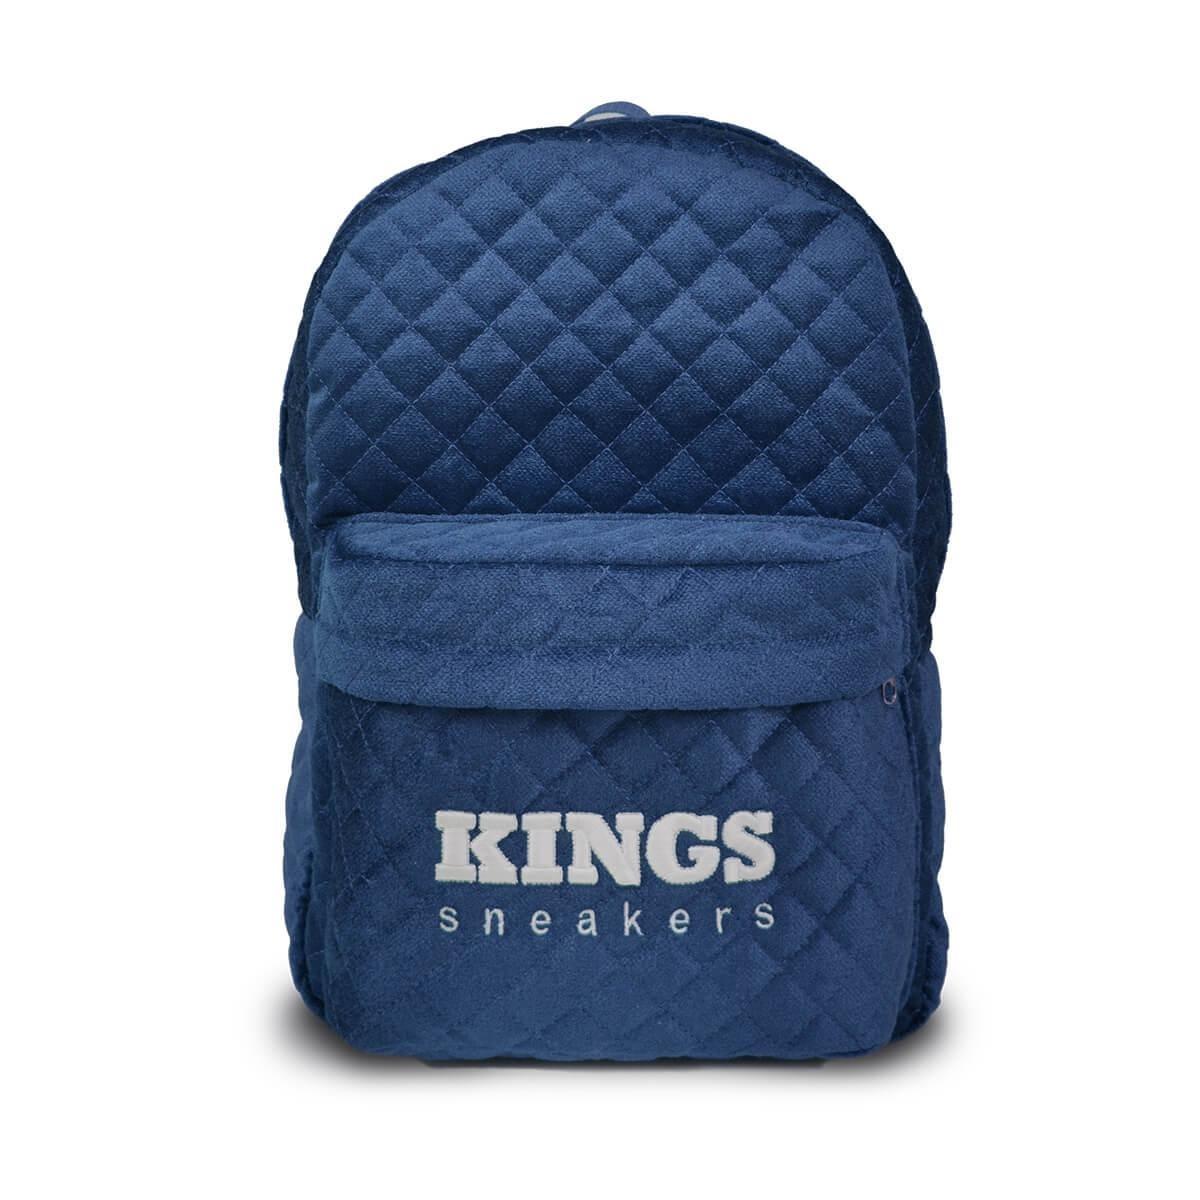 4aa7c5bb7fece0 Mochila Kings Sneakers Veludo Matelassê Azul Lançamento